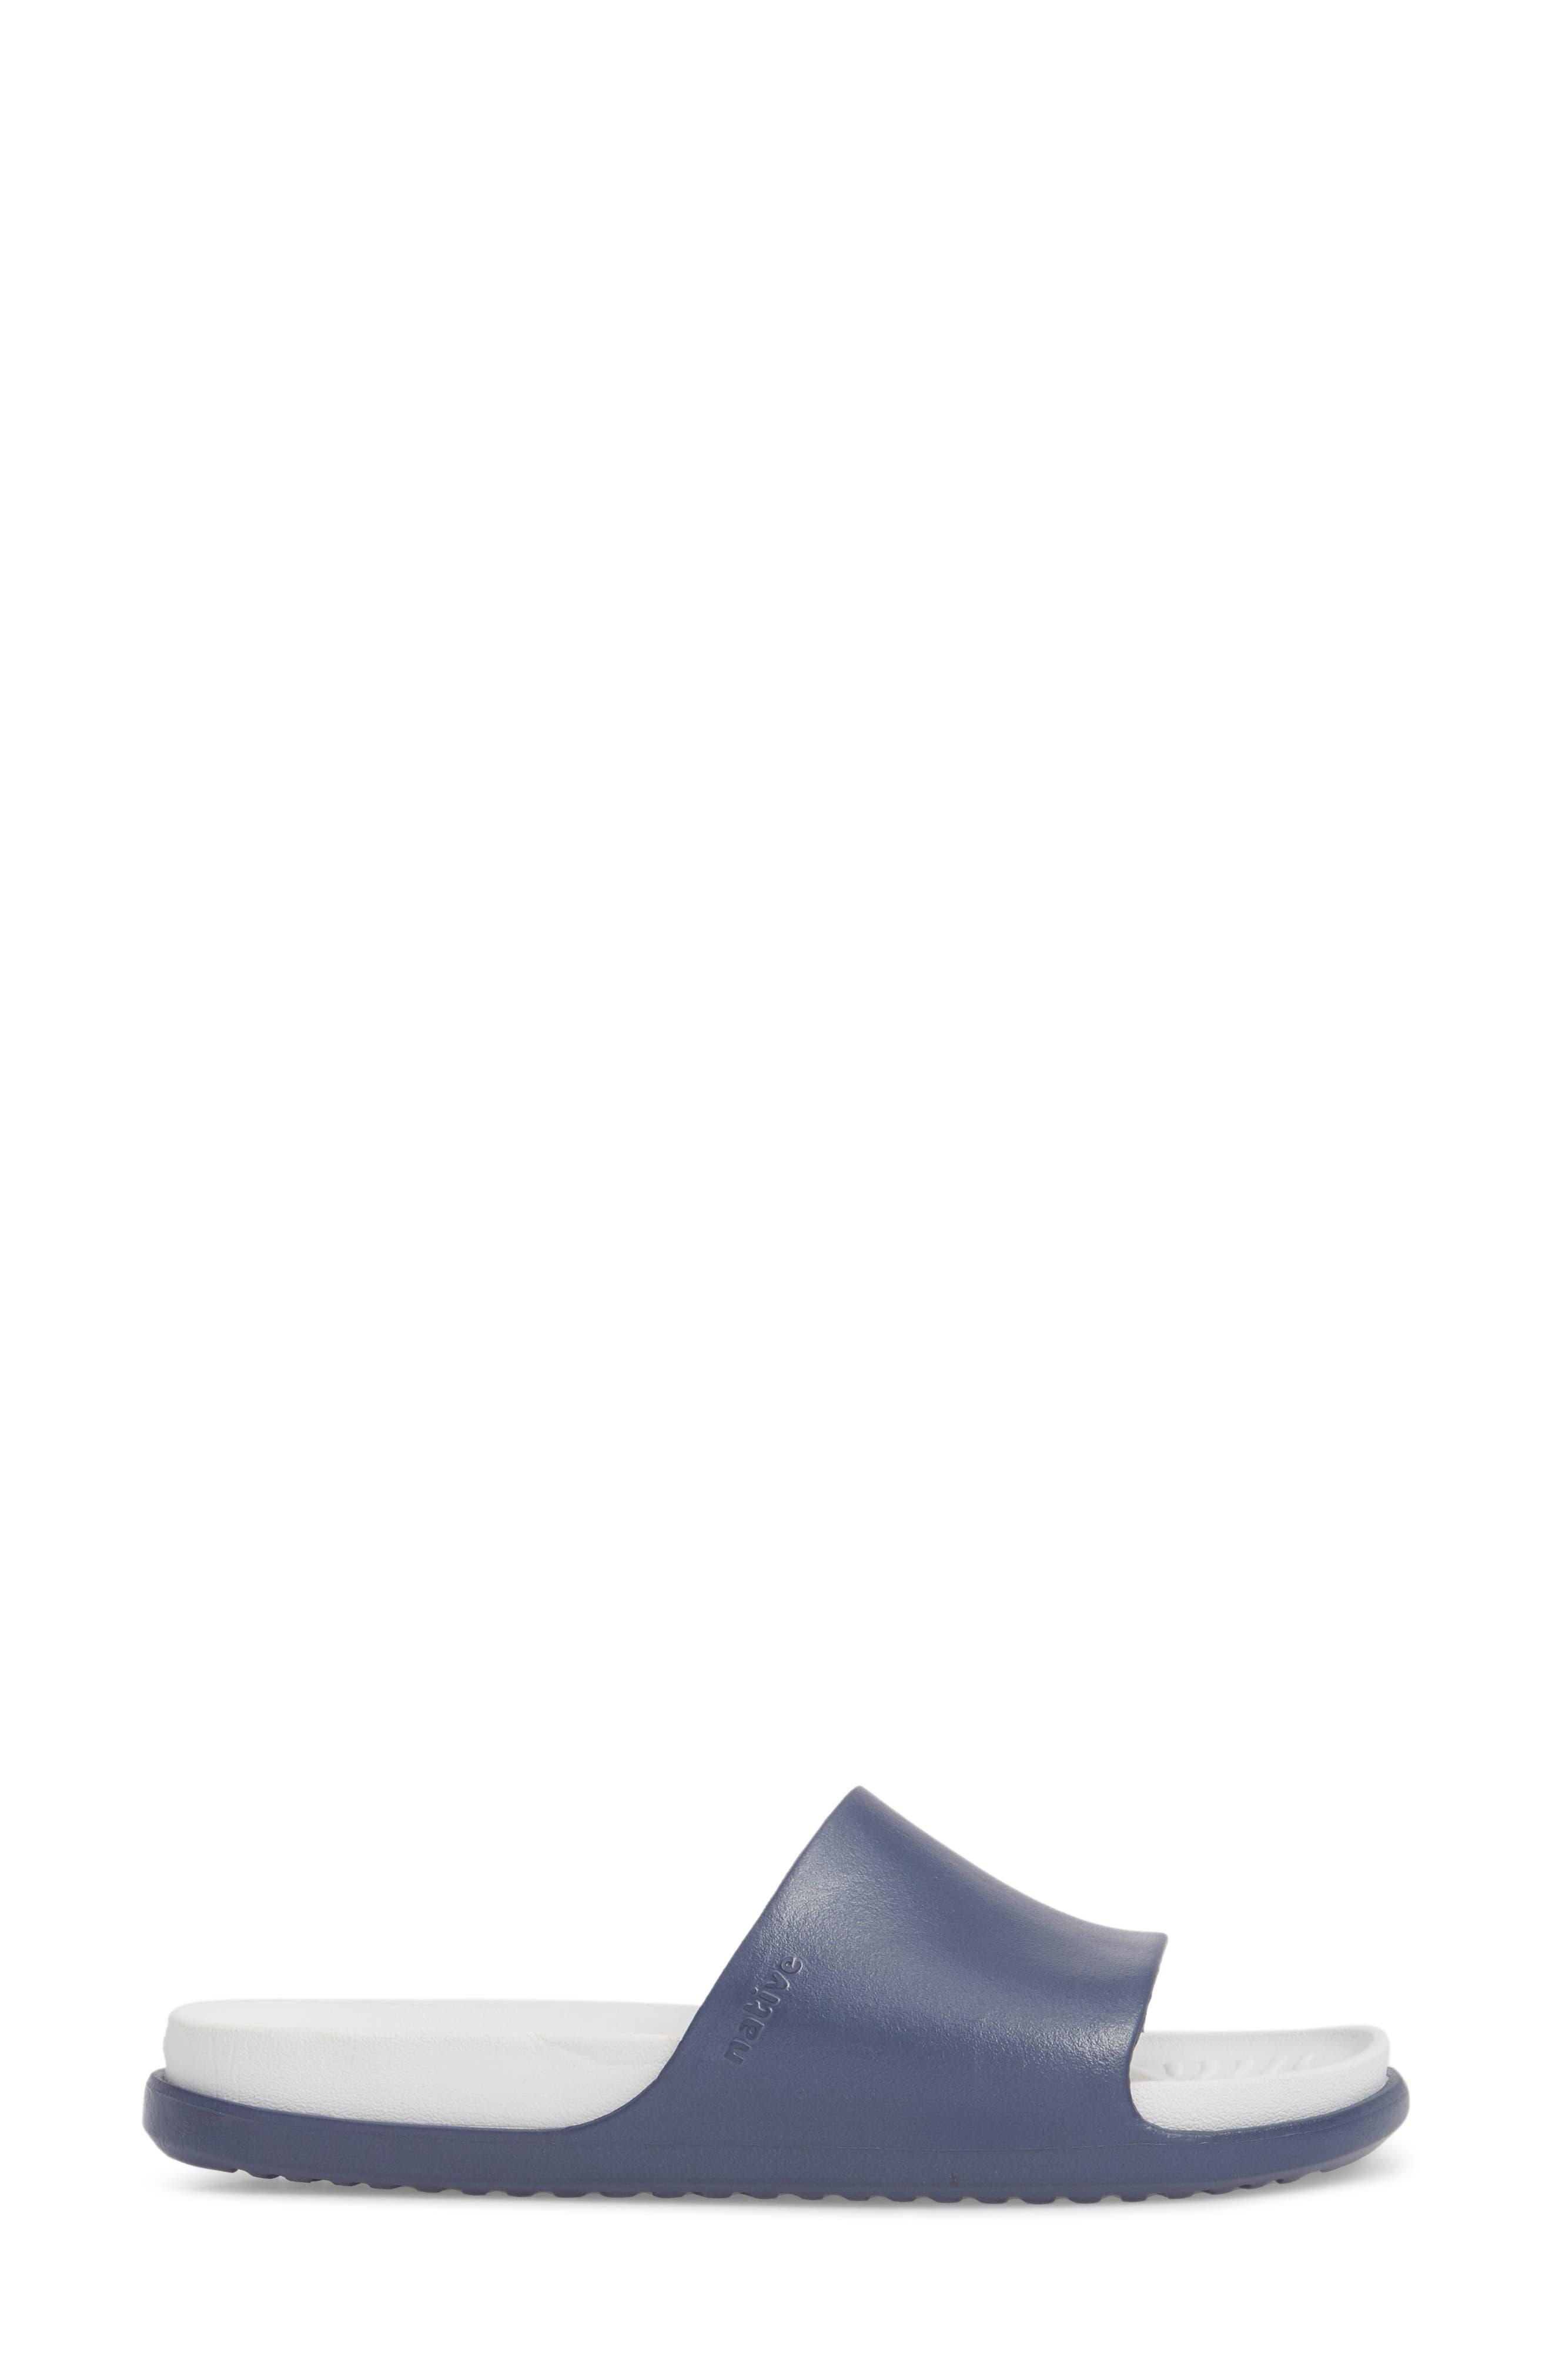 Spencer LX Sport Slide,                             Alternate thumbnail 3, color,                             Regatta Blue/ Shell White